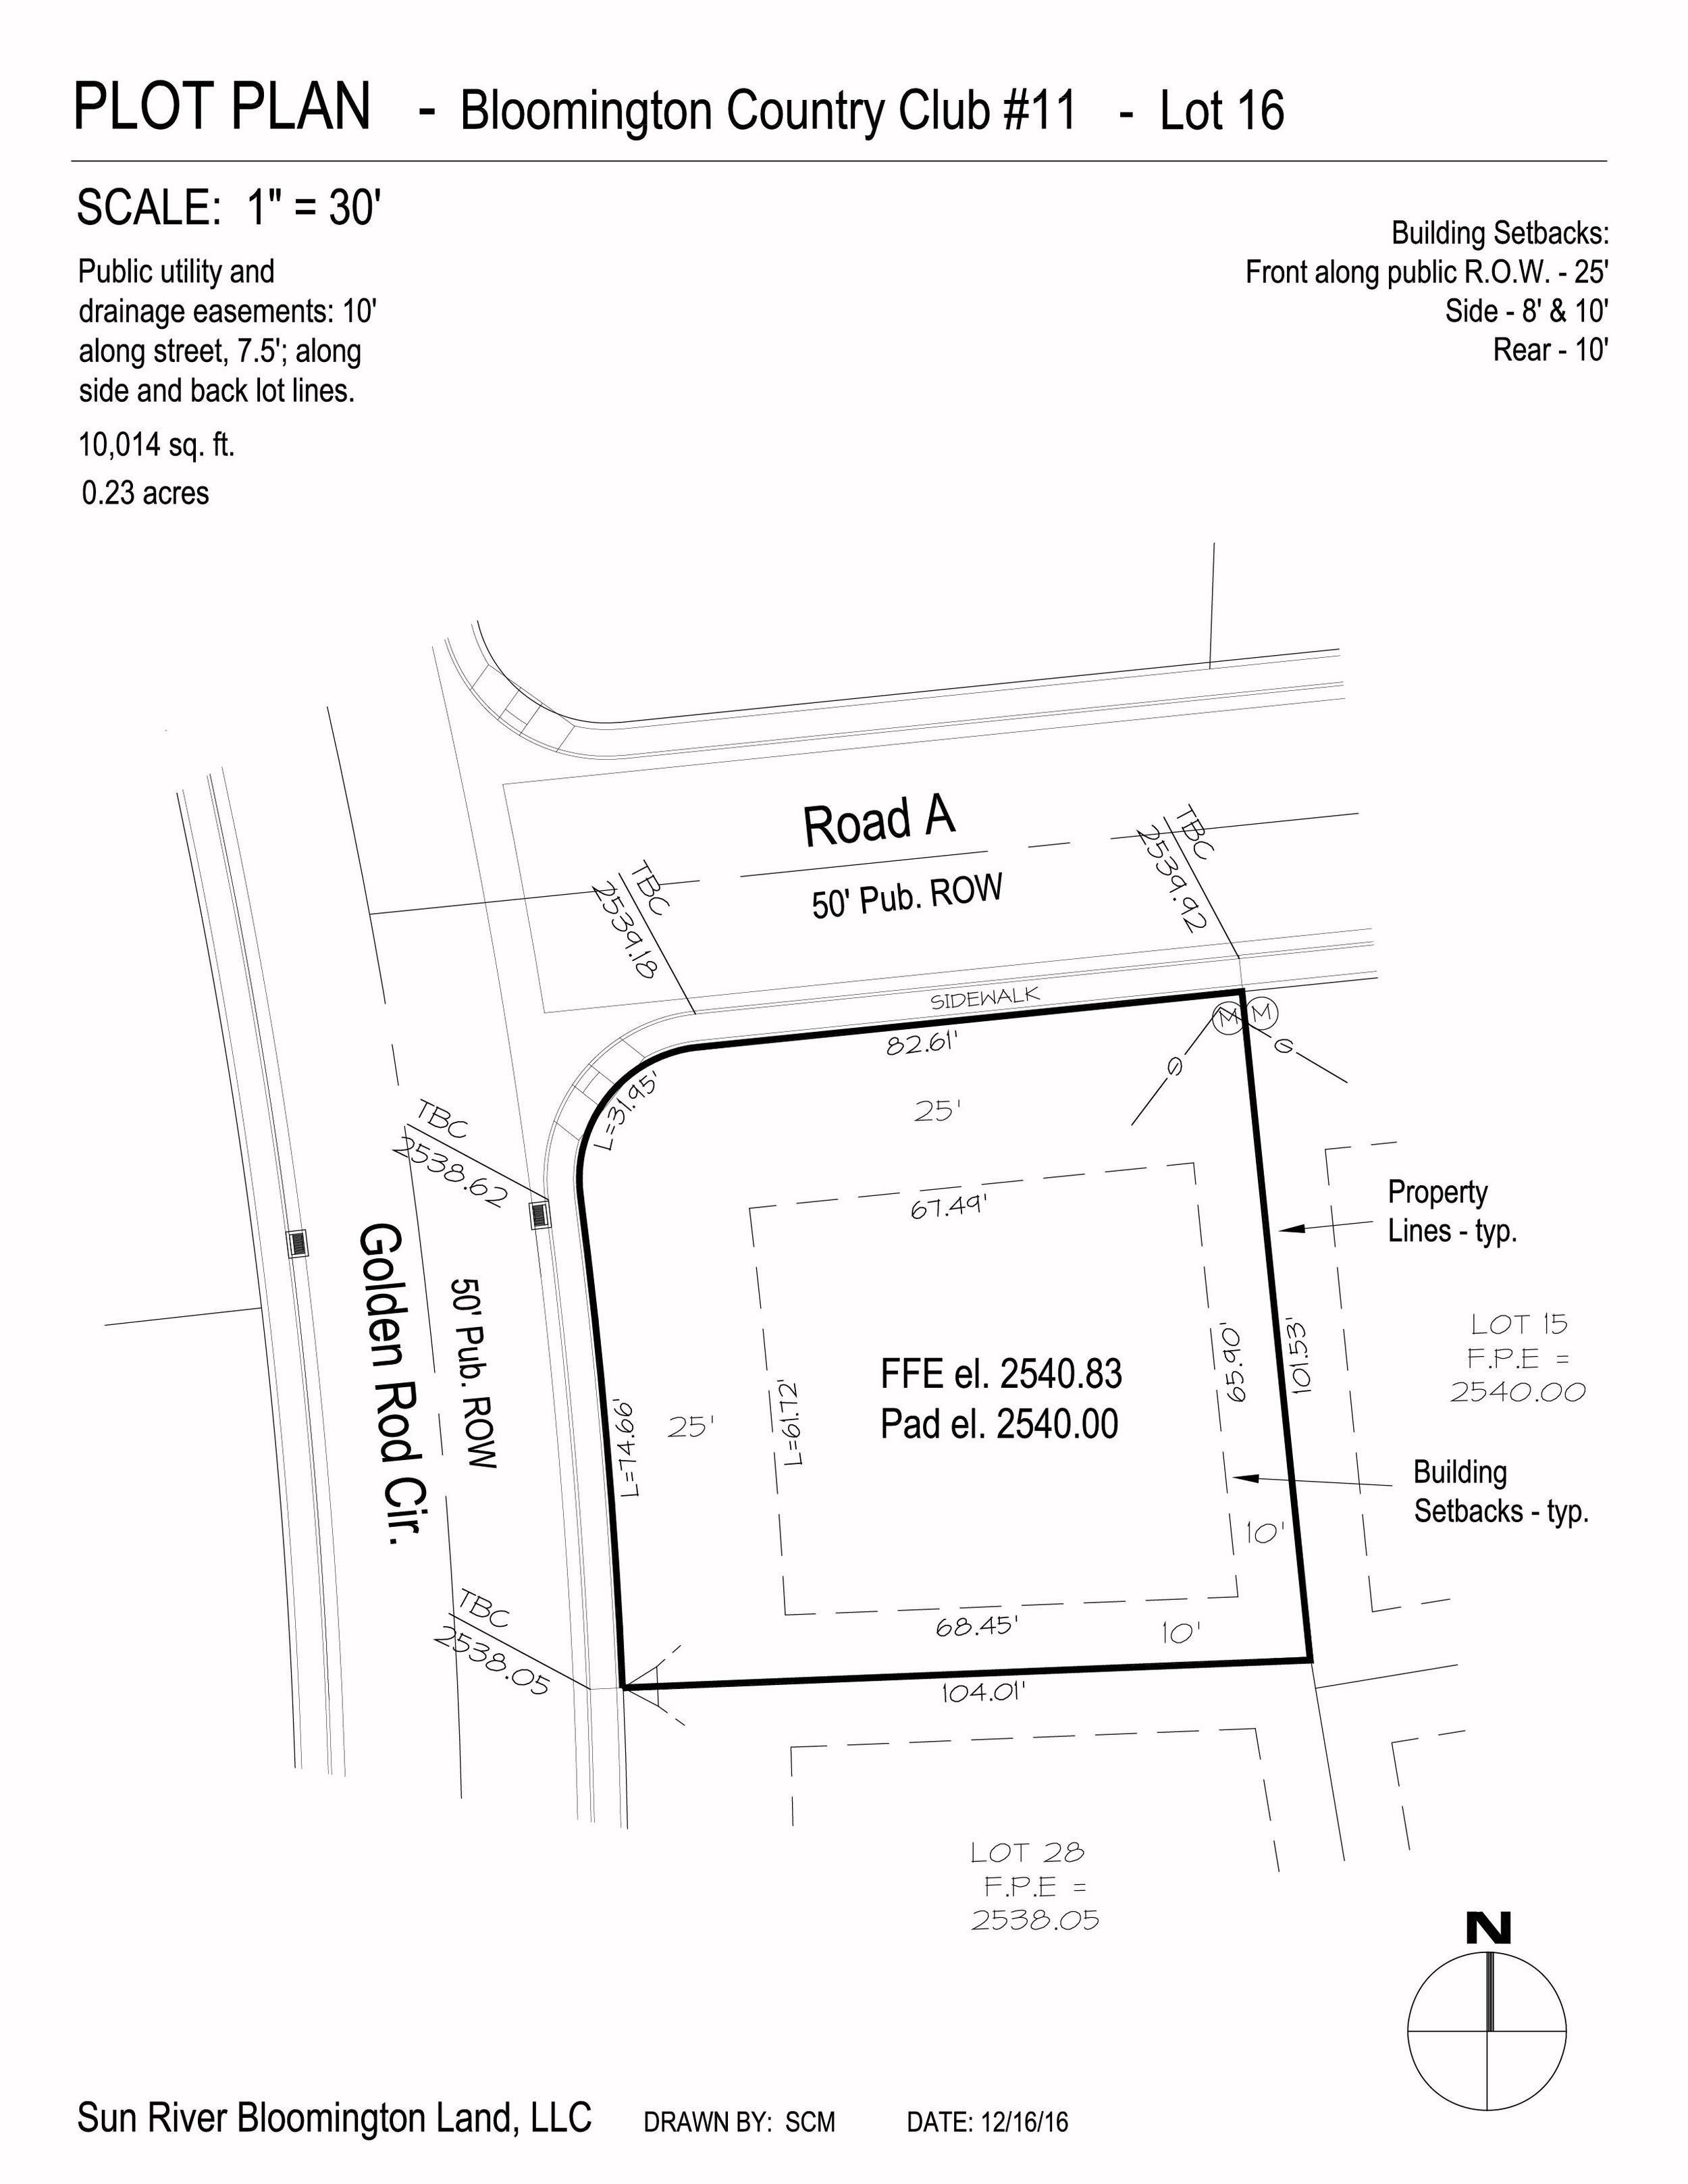 hamblin plot plans-16.jpg